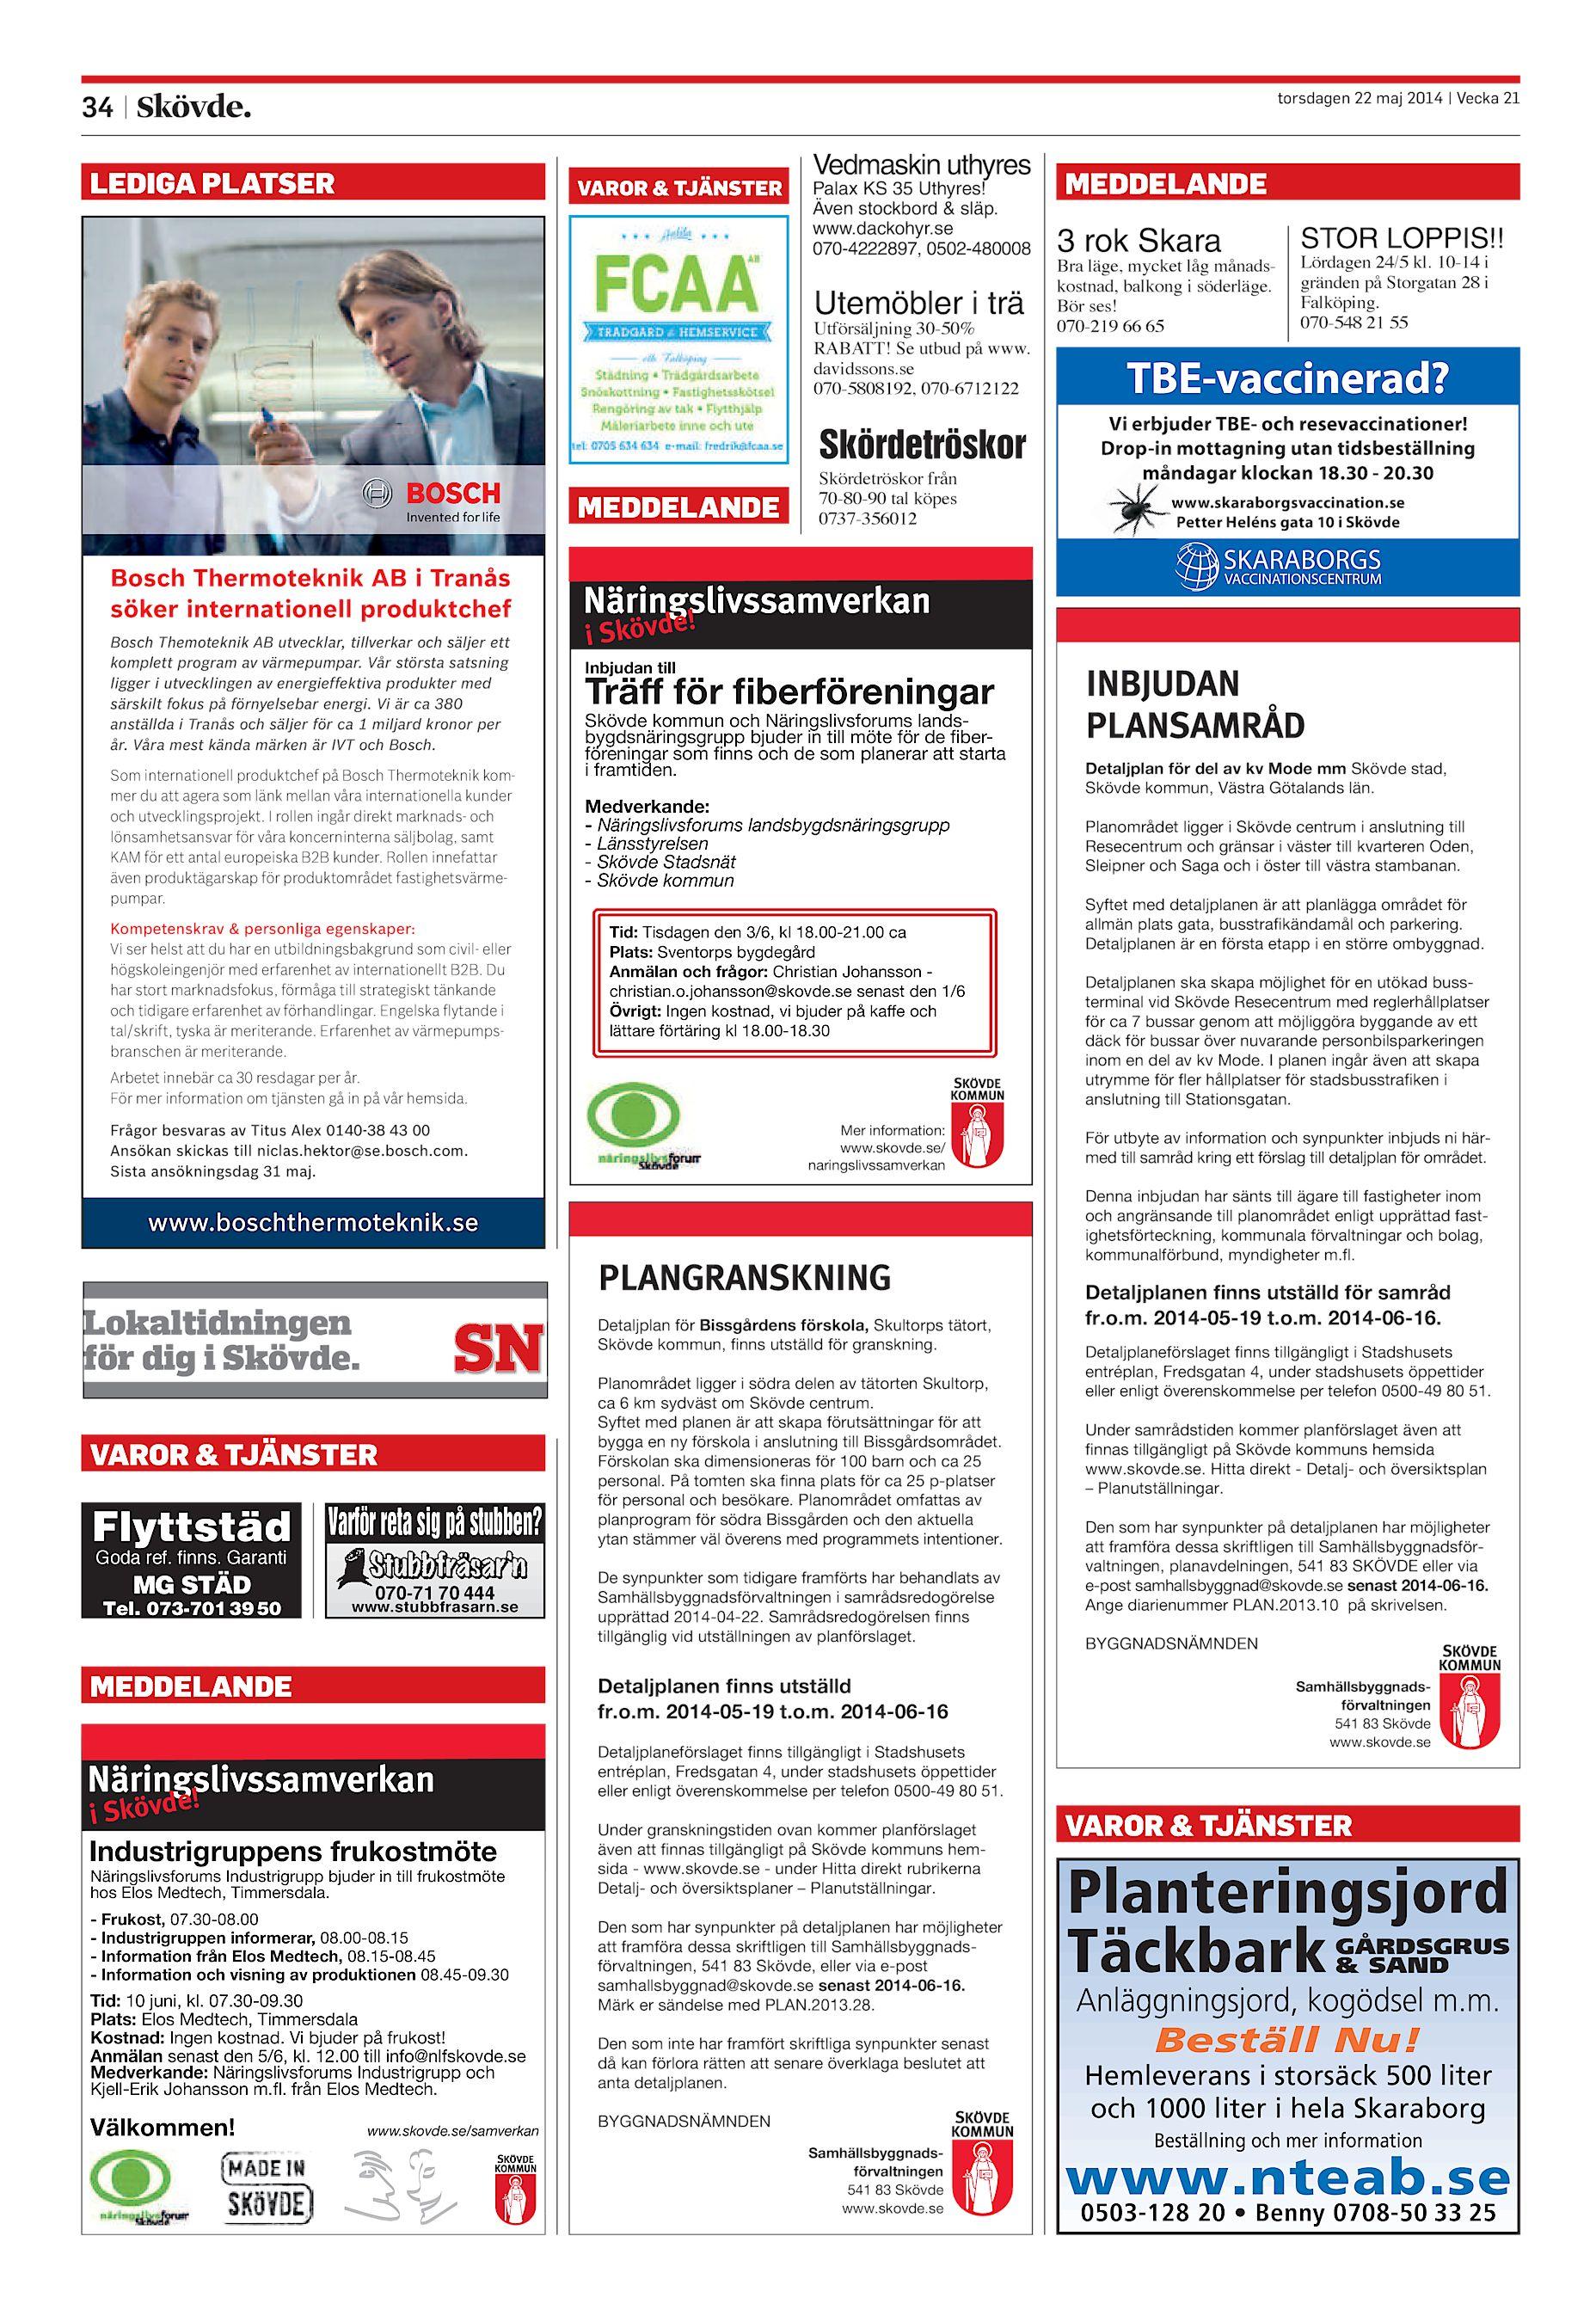 Skövde Nyheter SN-20140522 (endast text) 1a3b138f4d7a9